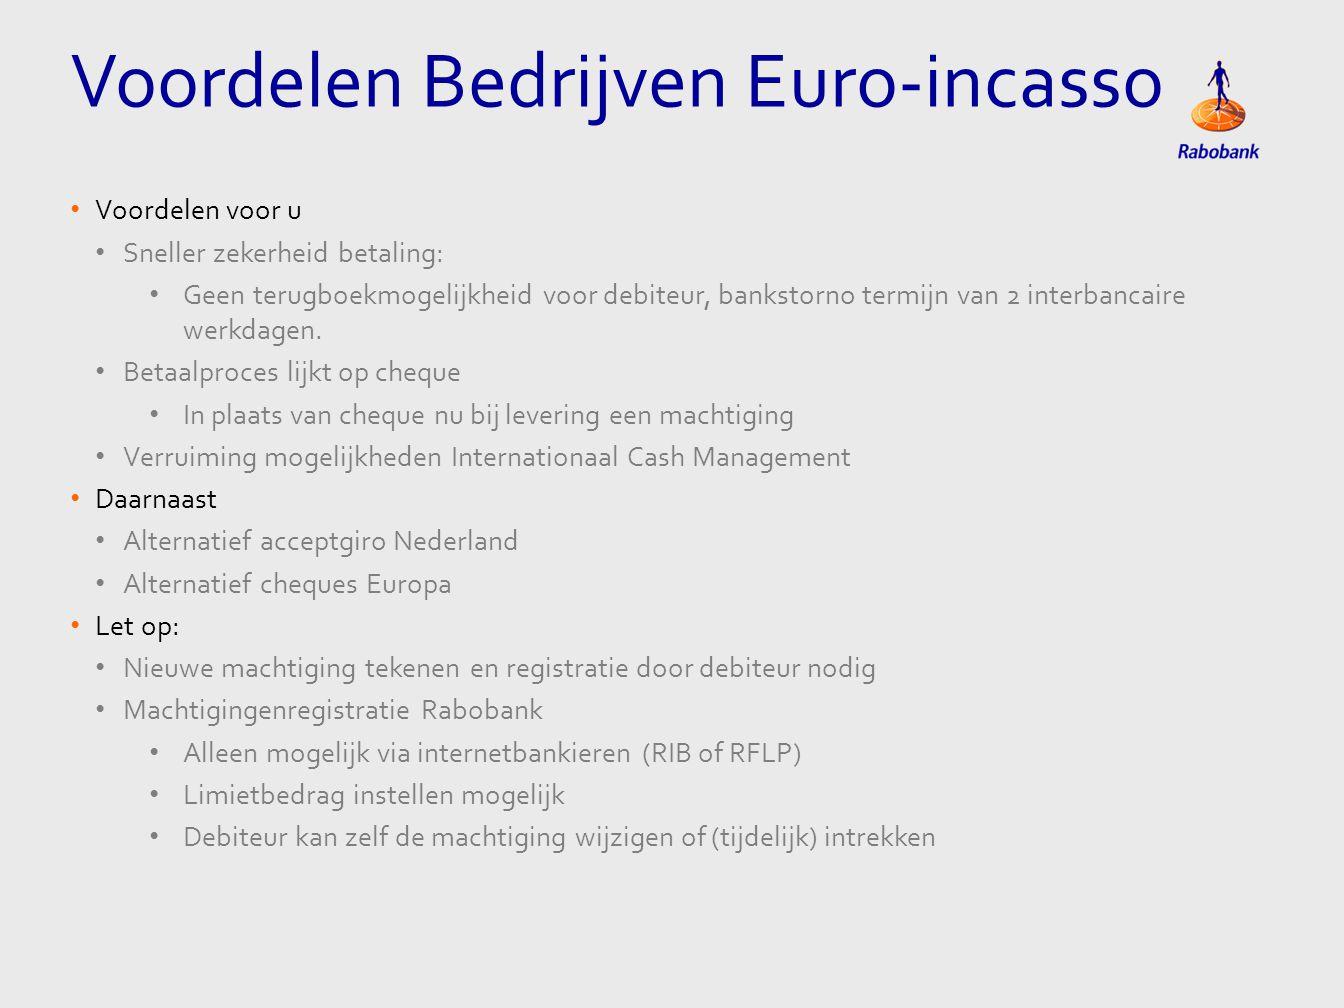 • Voordelen voor u • Sneller zekerheid betaling: • Geen terugboekmogelijkheid voor debiteur, bankstorno termijn van 2 interbancaire werkdagen. • Betaa